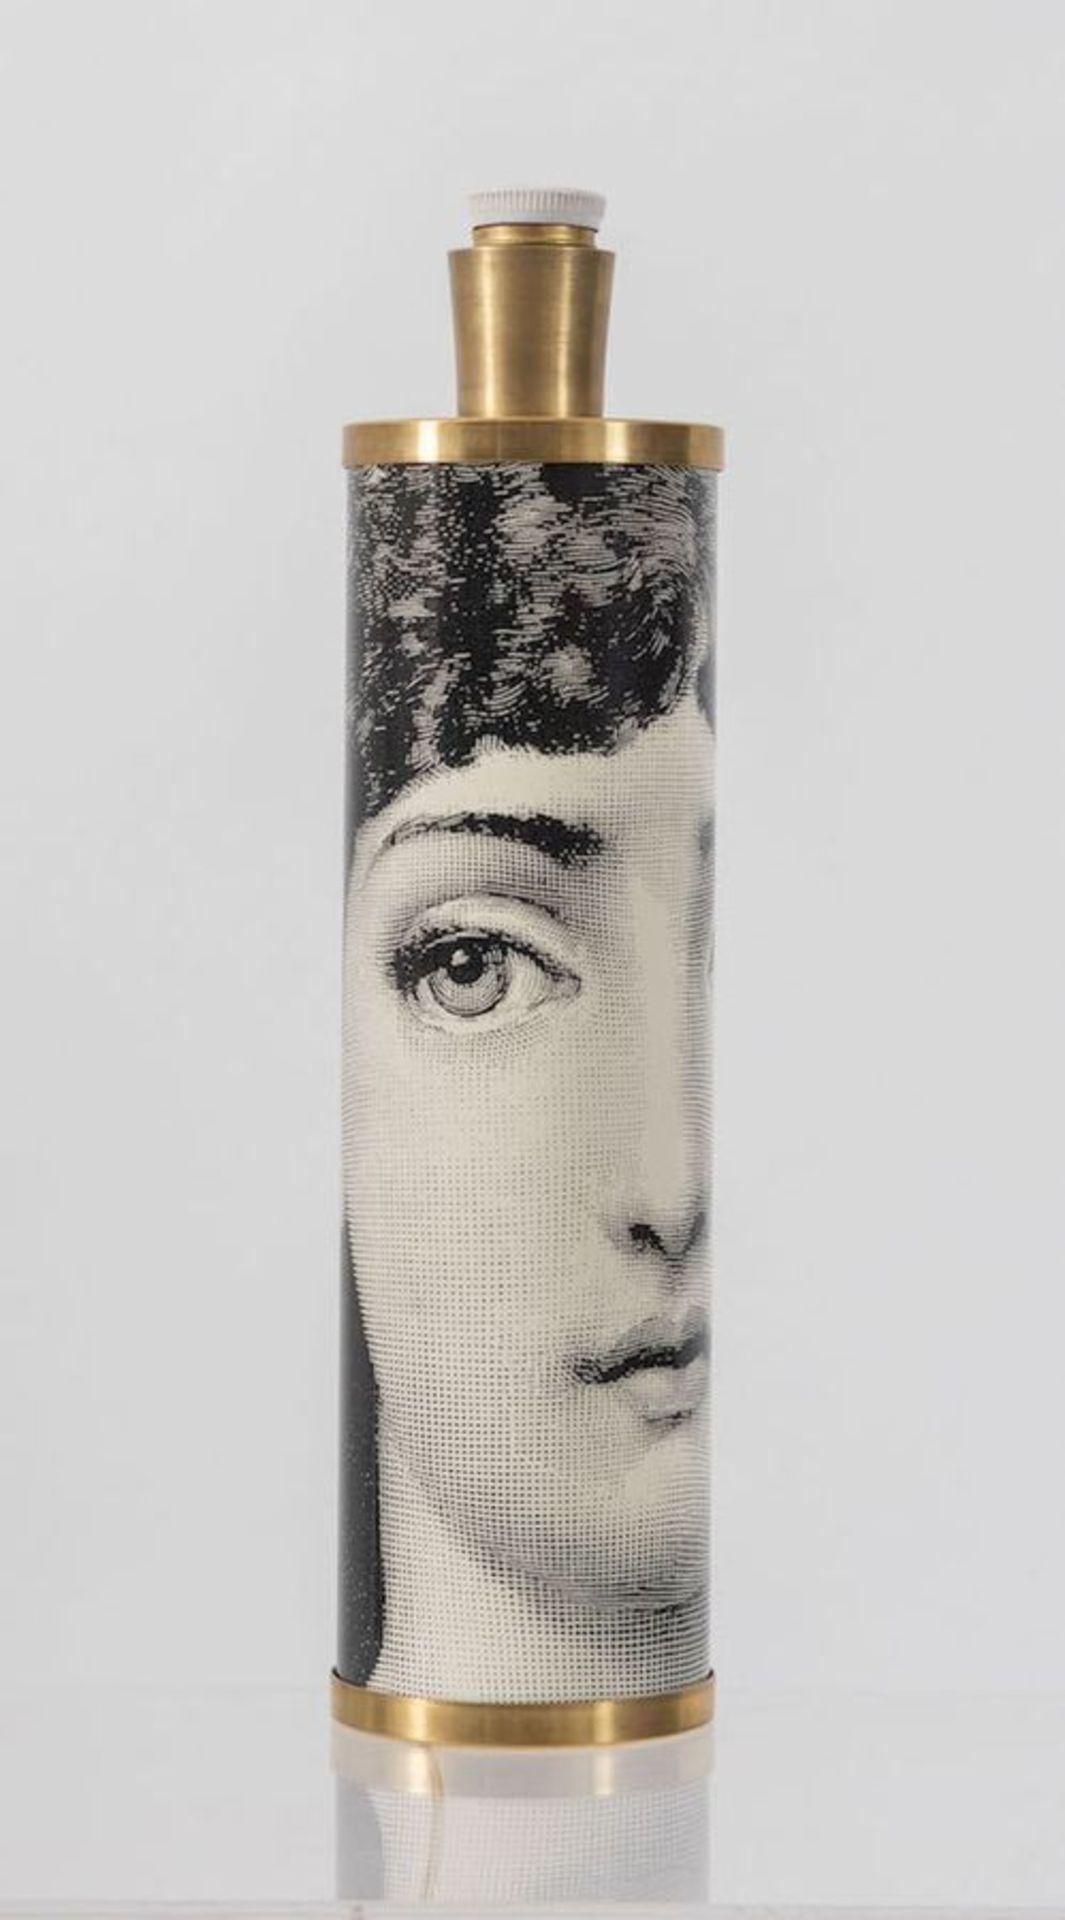 PIERO FORNASETTI Lampada da tavolo in metallo e ottone. Prod. Fornasetti, Italia, 1960 ca. Cm 42,5x1 - Bild 2 aus 3